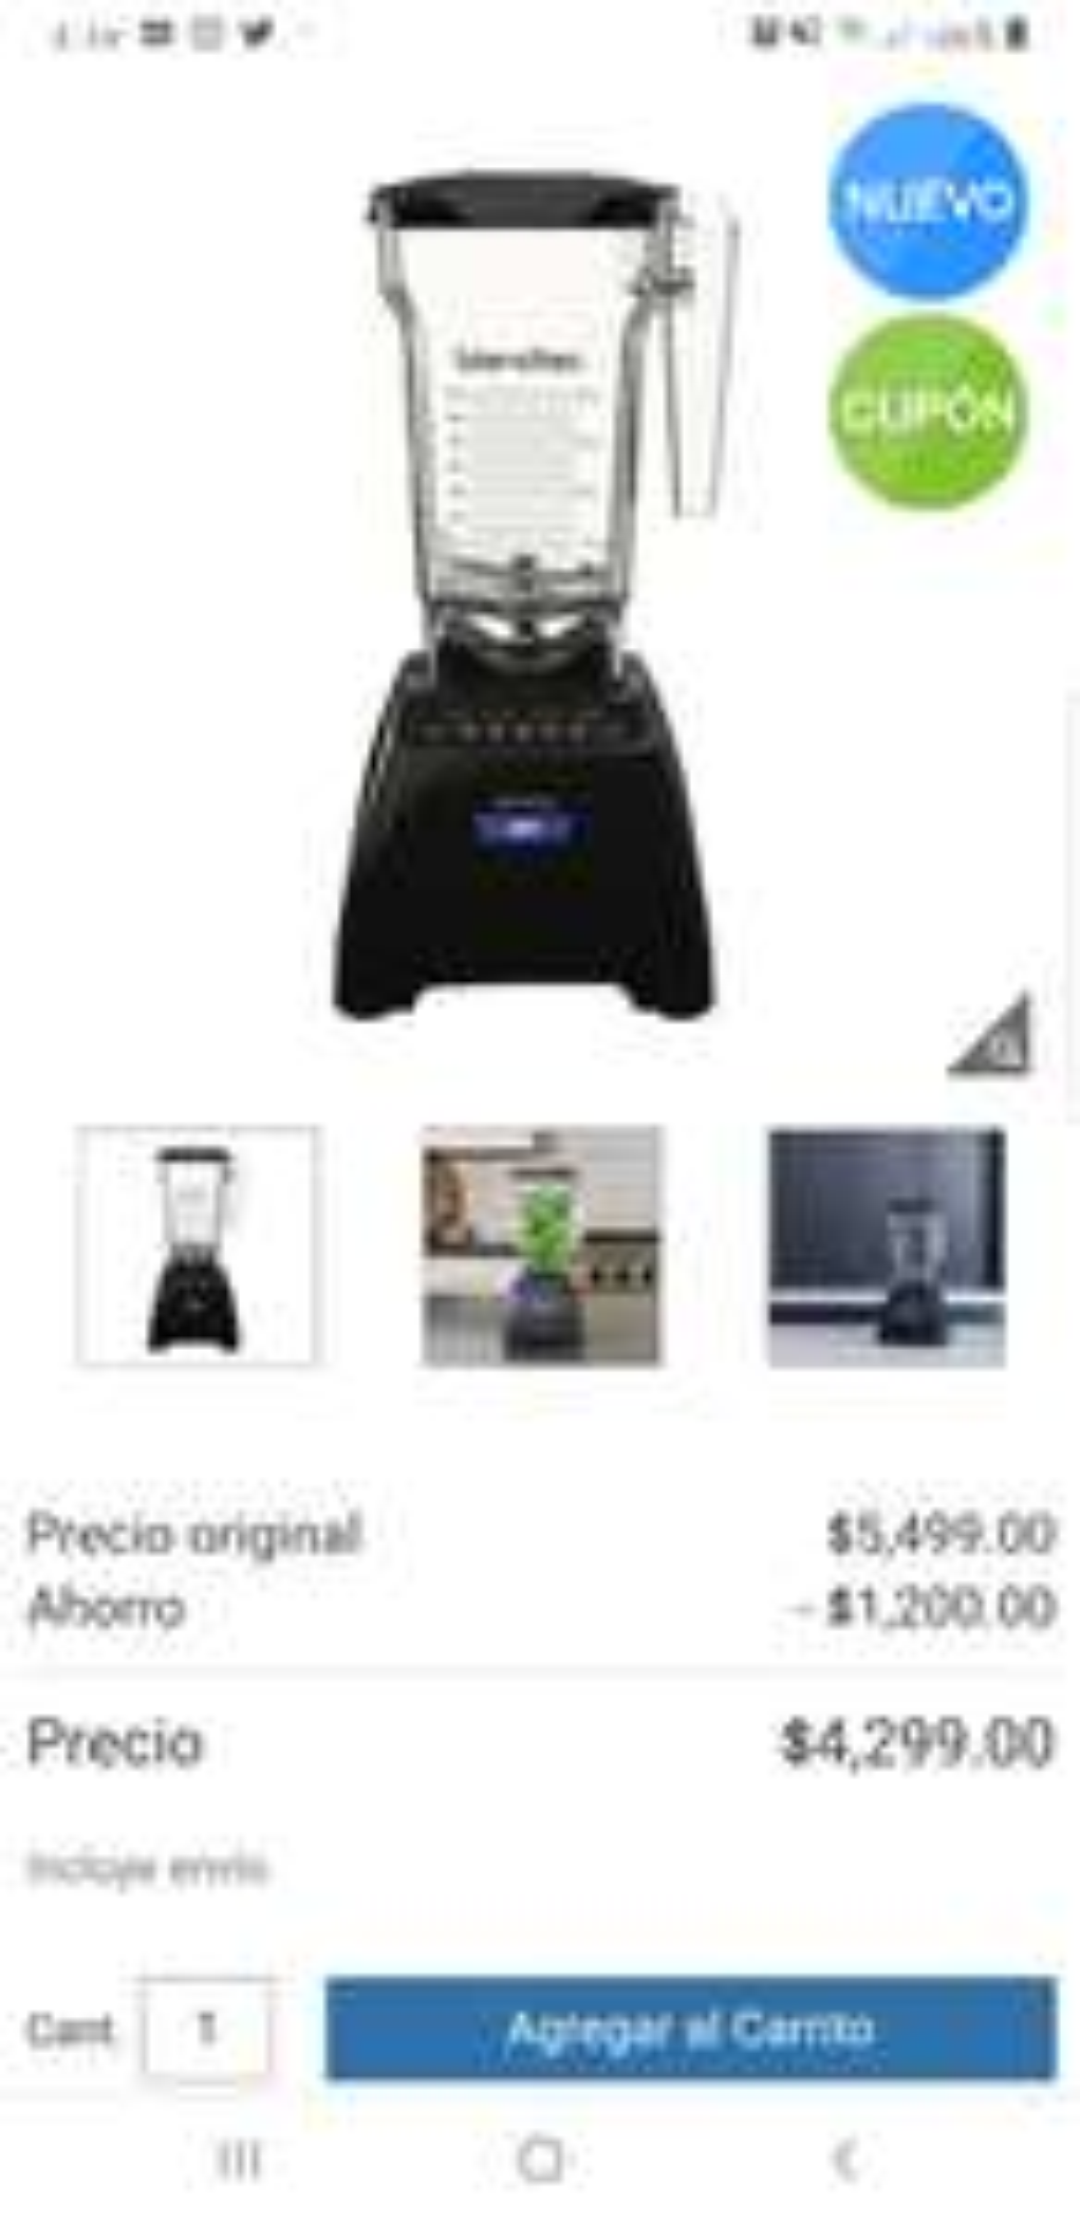 Costco Blendtec, ANTES DE CALIFICAR NEGATIVO checa la descripción. La que hace polvo iPhones, más barata que en Amazon